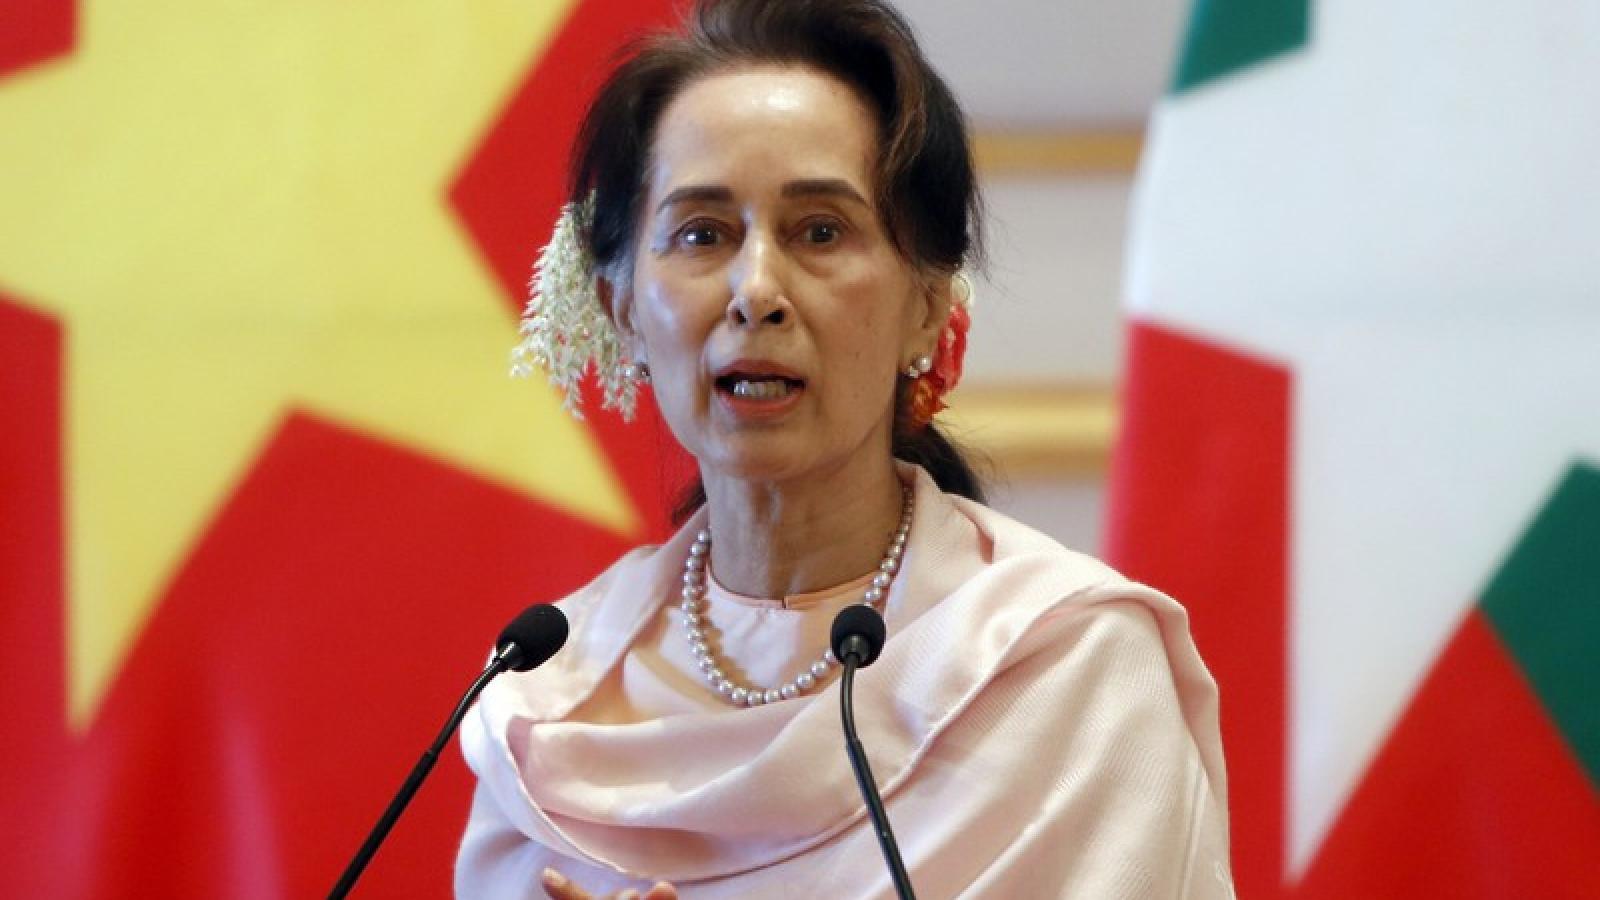 Chính quyền quân sự Myanmar chính thức buộc tội tham nhũng đối với bà Aung San Suu Kyi